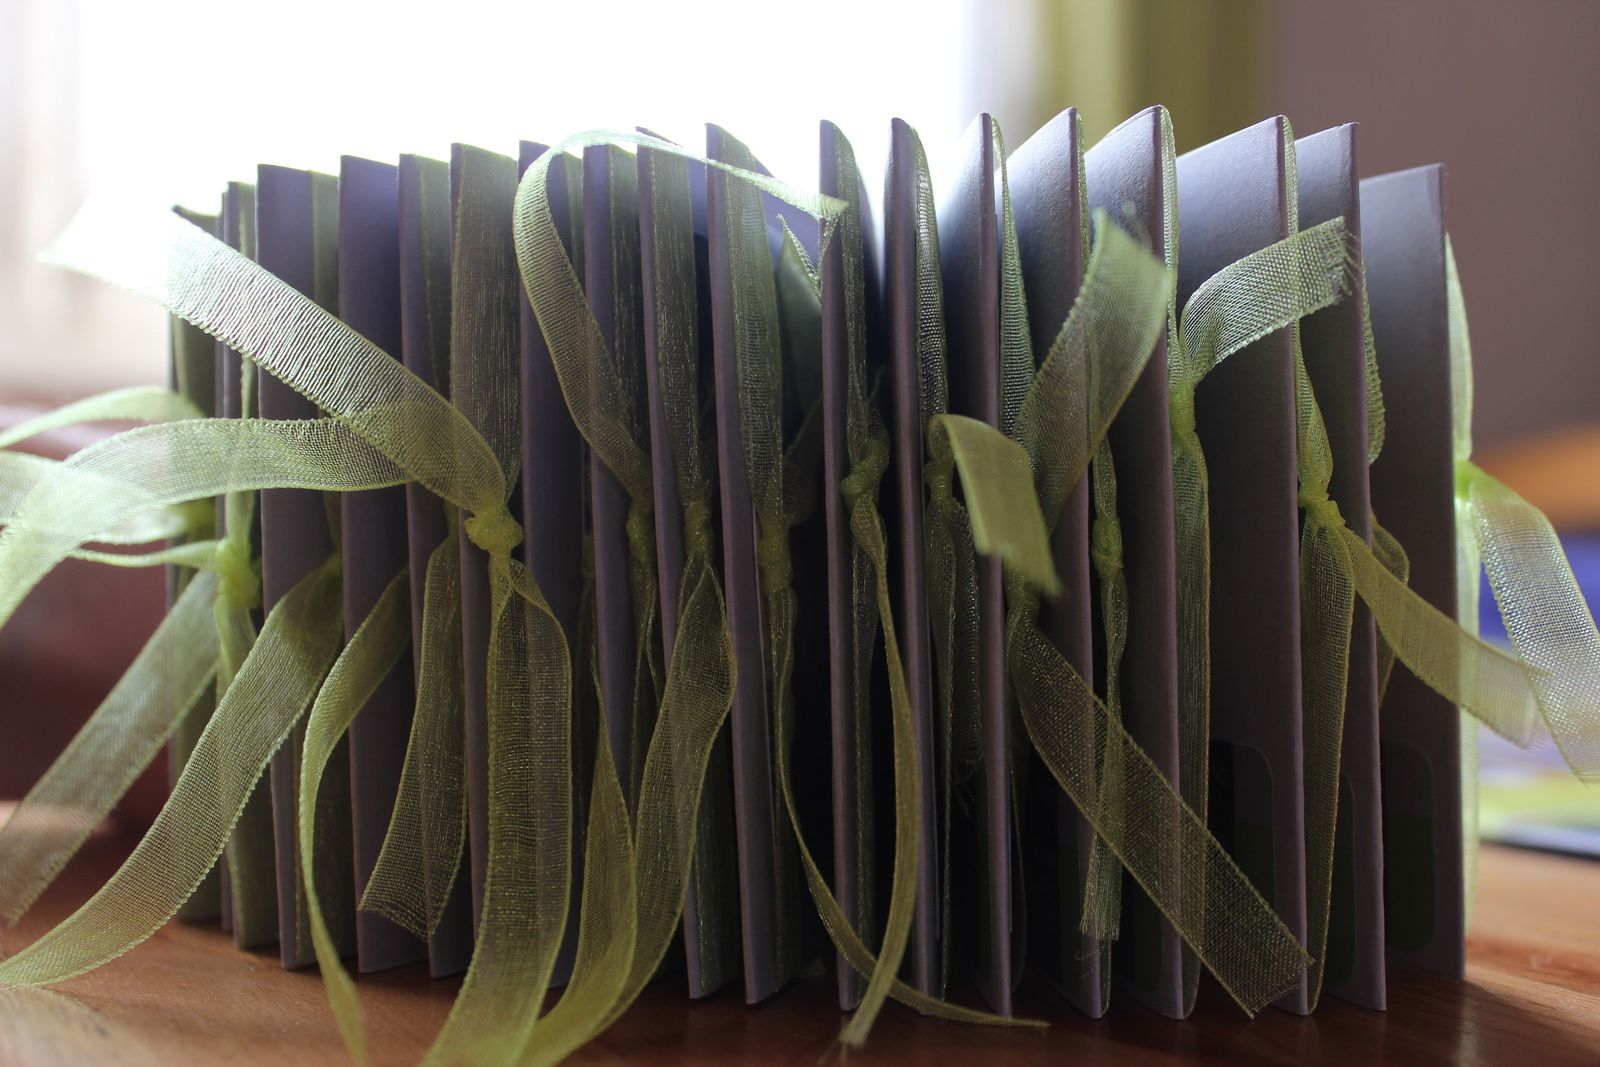 http://luniversdegarfield59.over-blog.com mariage remerciement vert gris carpe diem kesiart